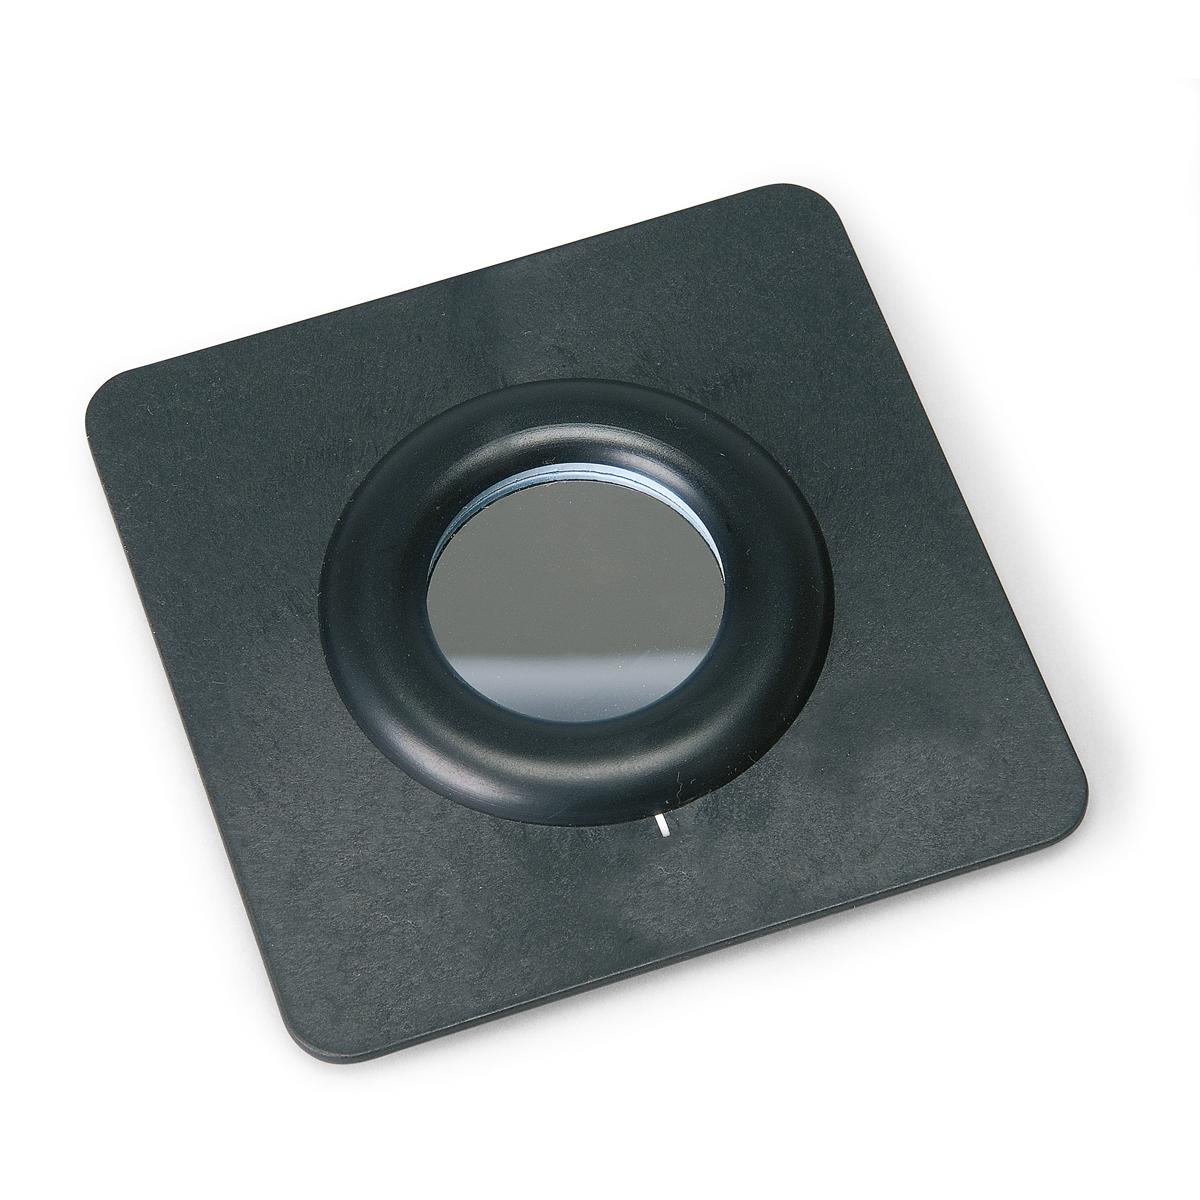 Miroir concave k 1009925 u8475205 optique selon for Miroir optique achat